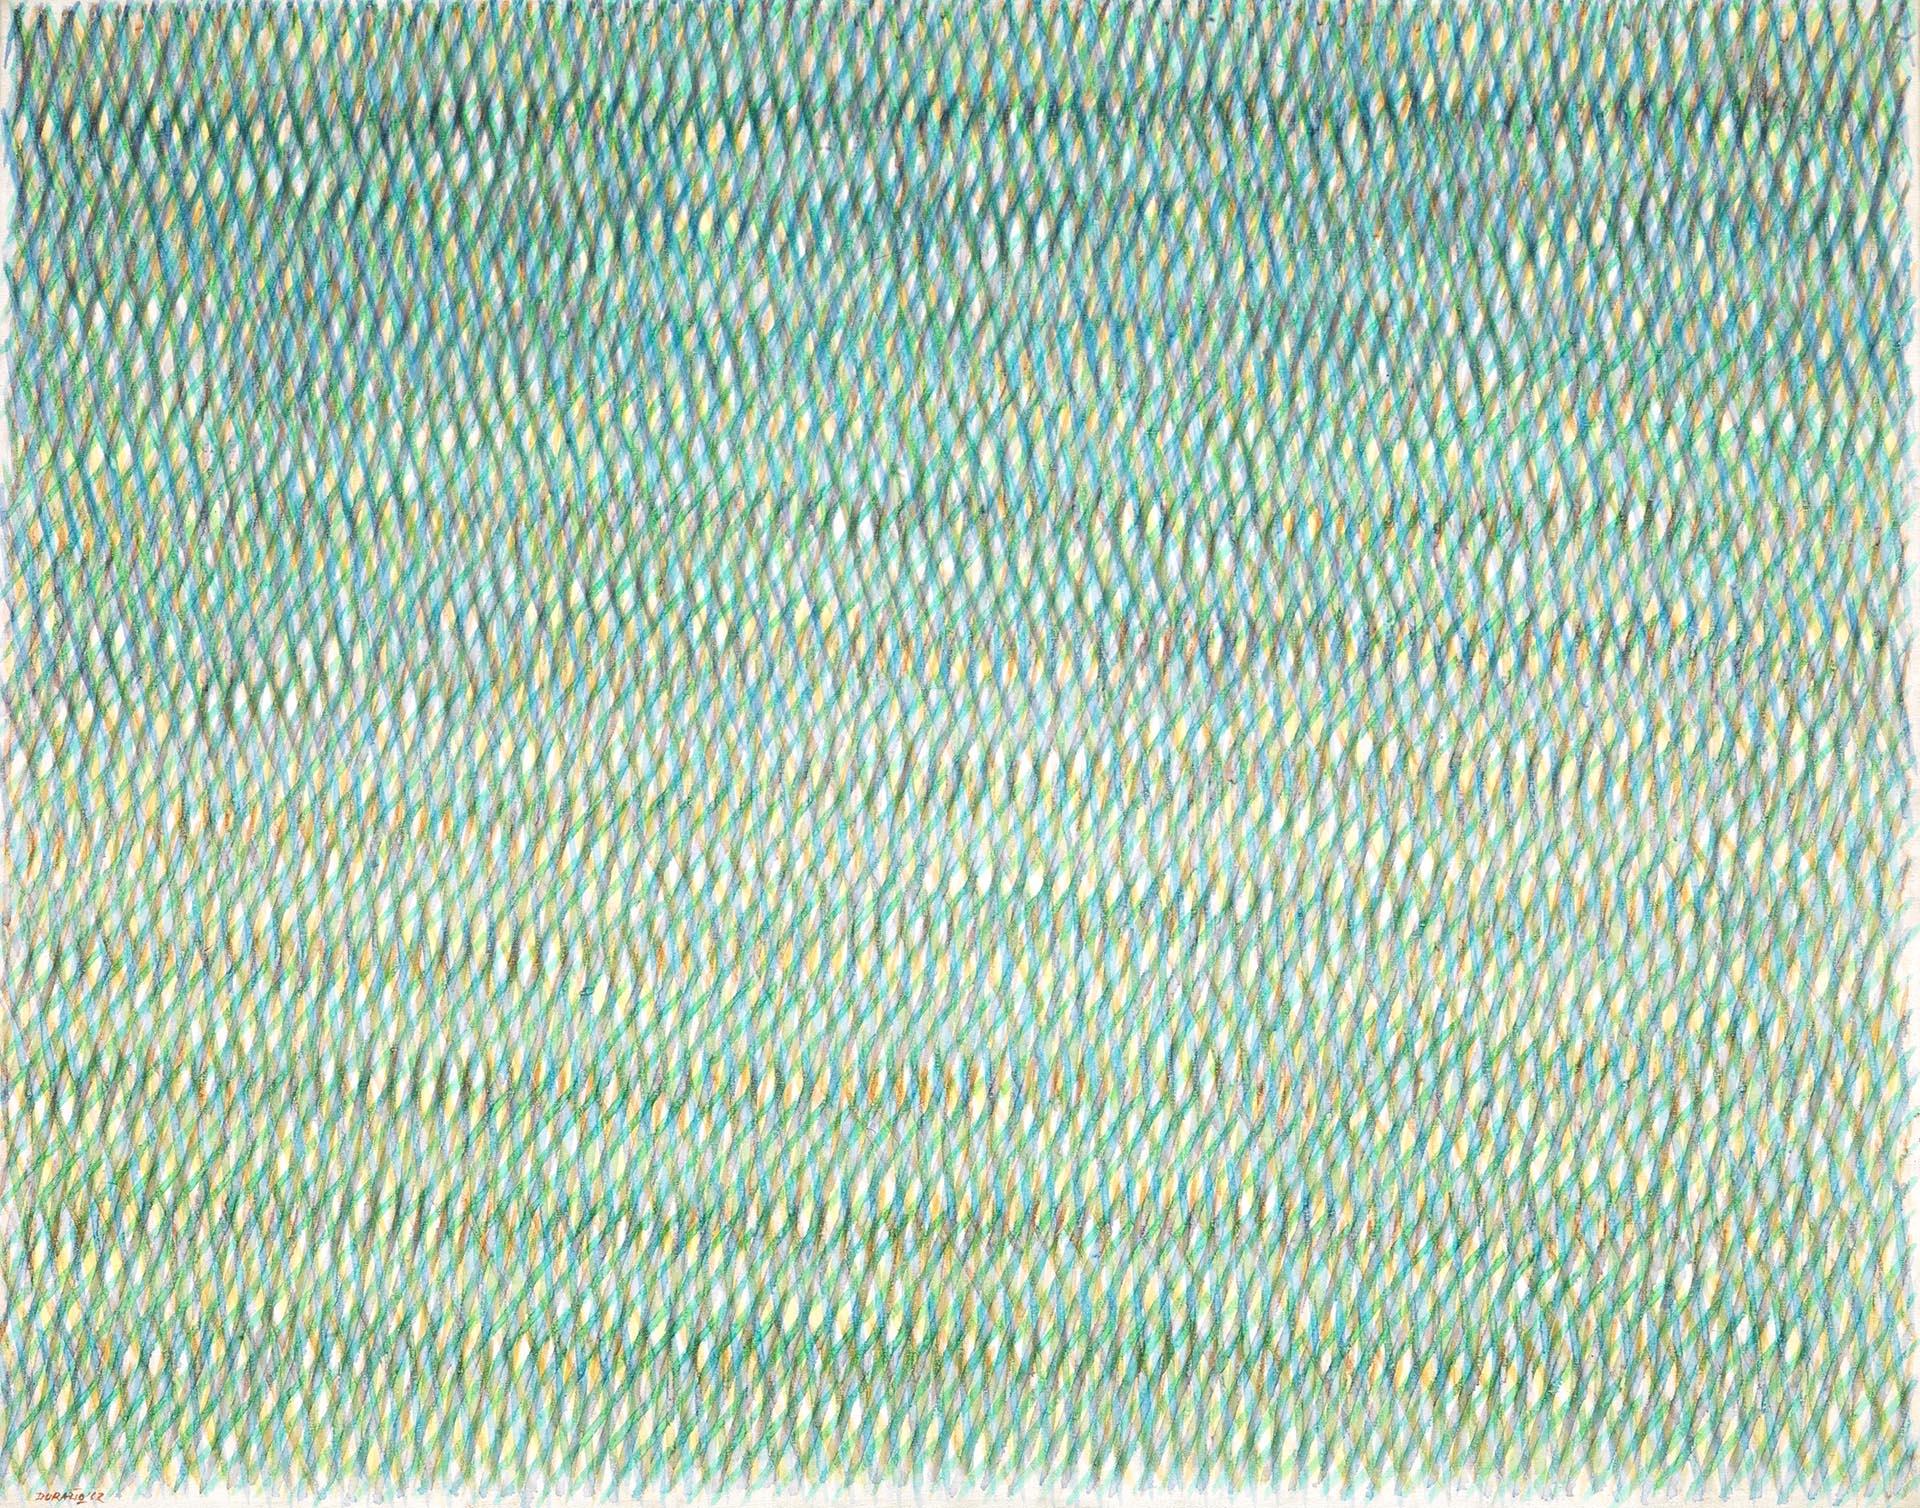 Dorazio, Jeux de distance, 1962, 81x100 cm